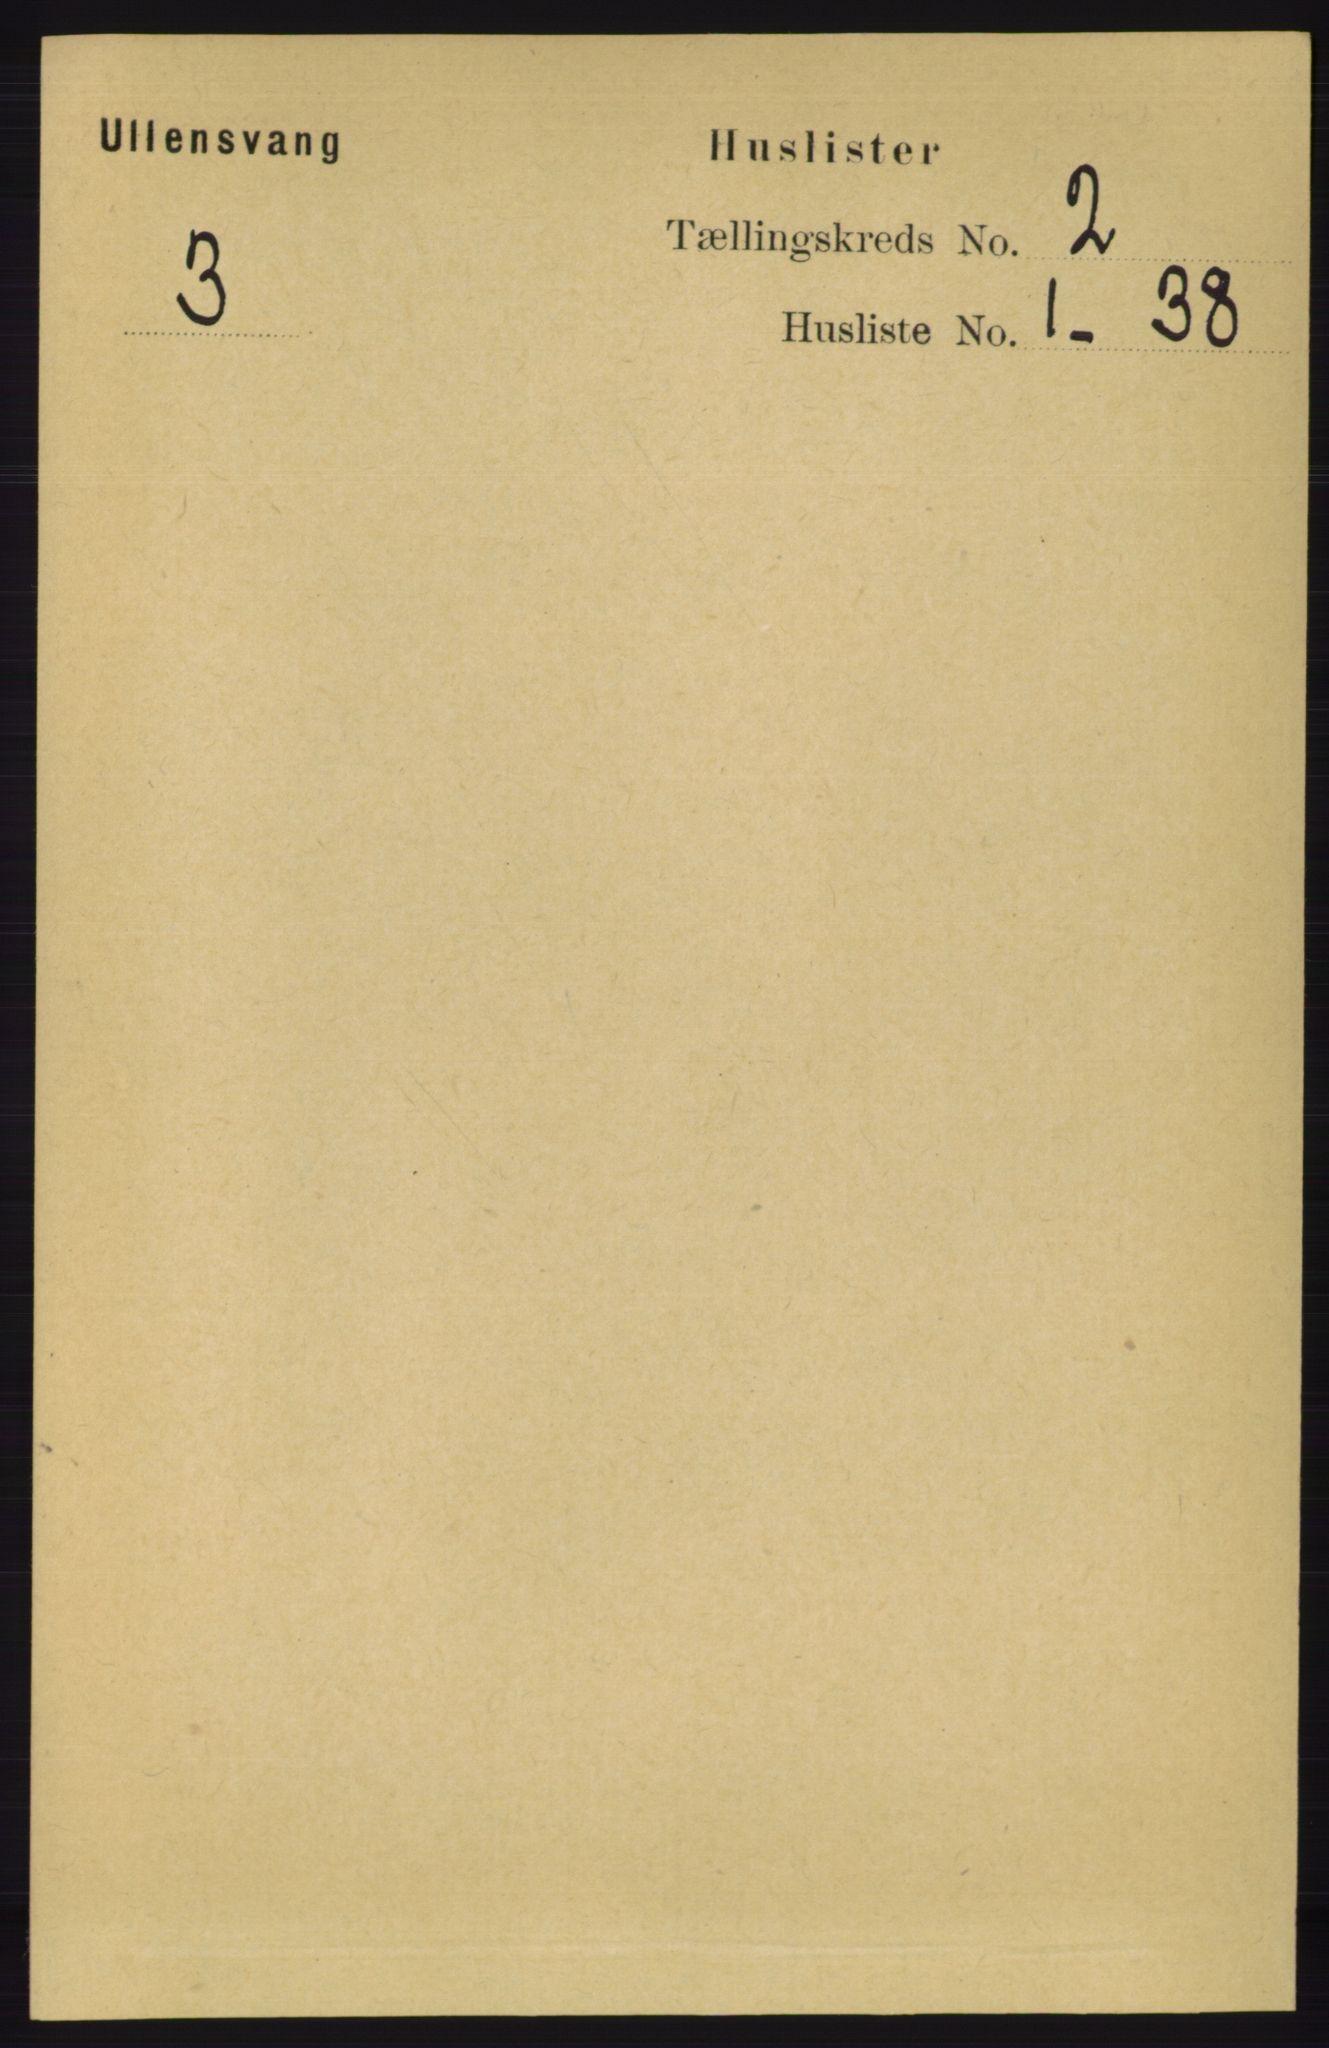 RA, Folketelling 1891 for 1230 Ullensvang herred, 1891, s. 281